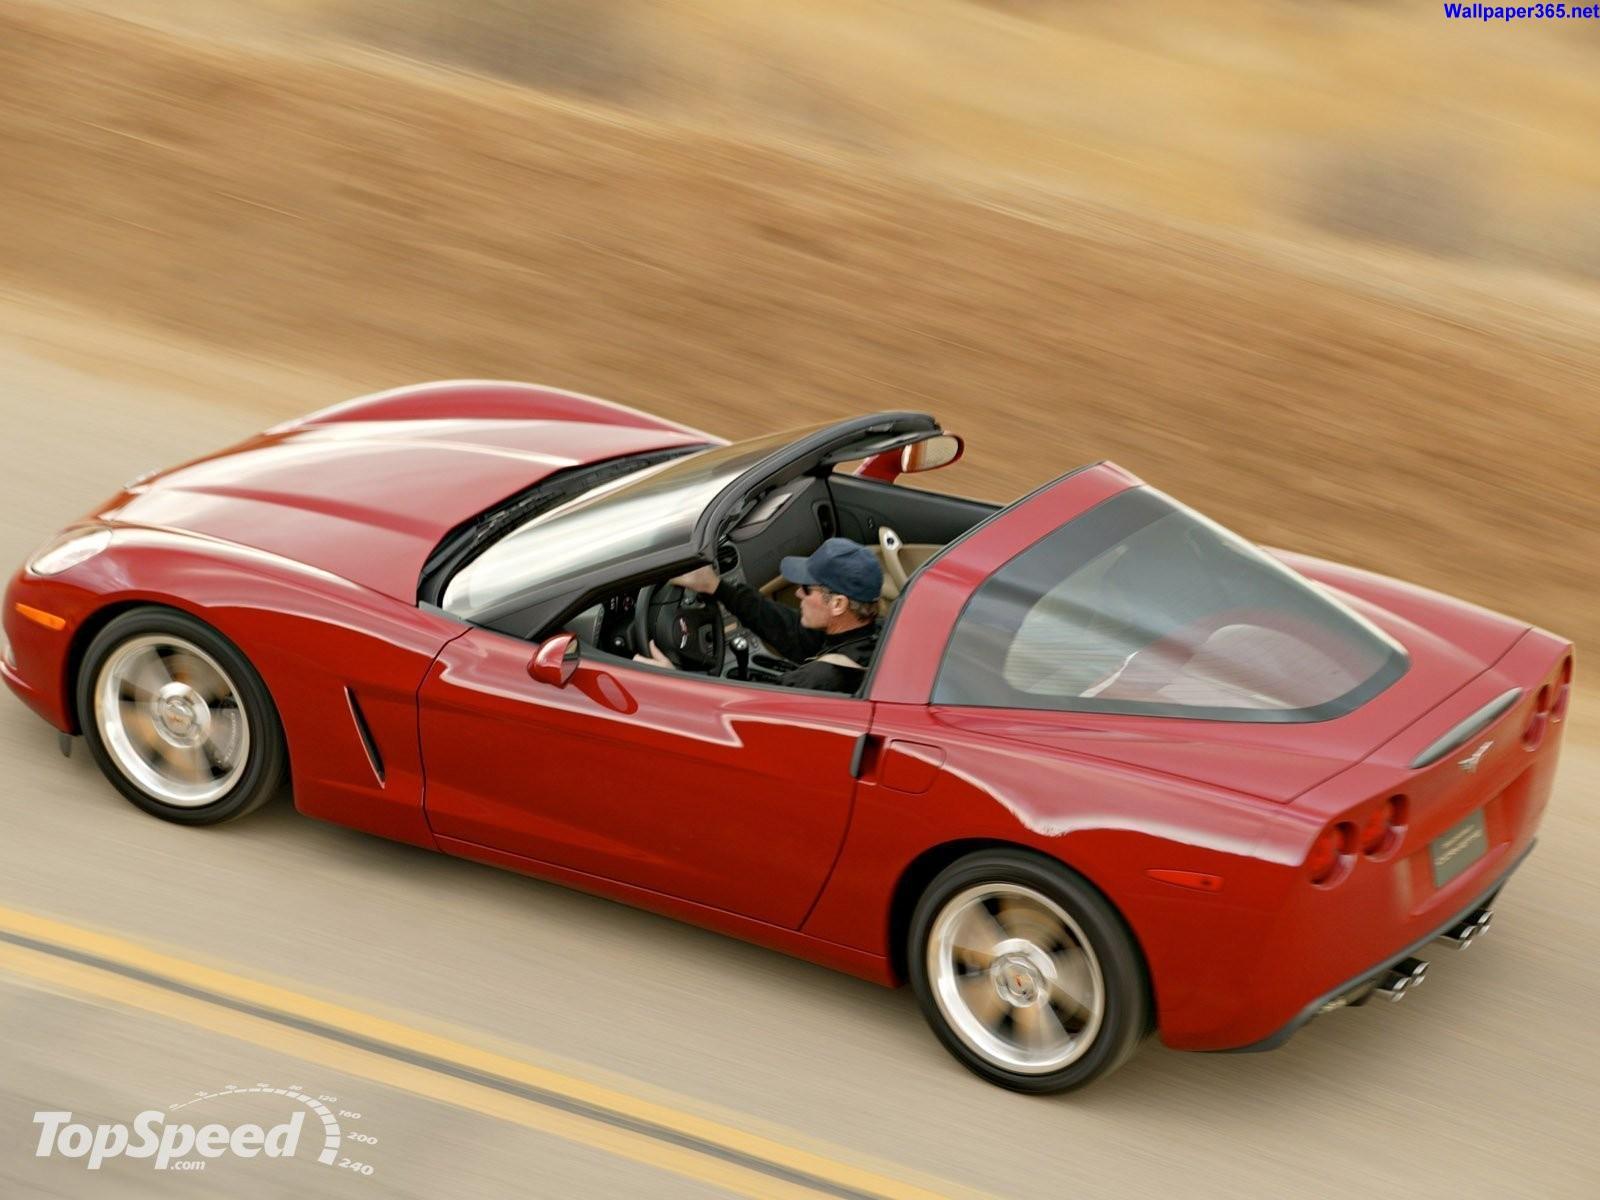 http://1.bp.blogspot.com/-eWqSDZIYeao/TpzZ9f5q08I/AAAAAAAAAd0/fE9HHCcWwMc/s1600/Chevrolet+Corvette+%25282%2529.jpg